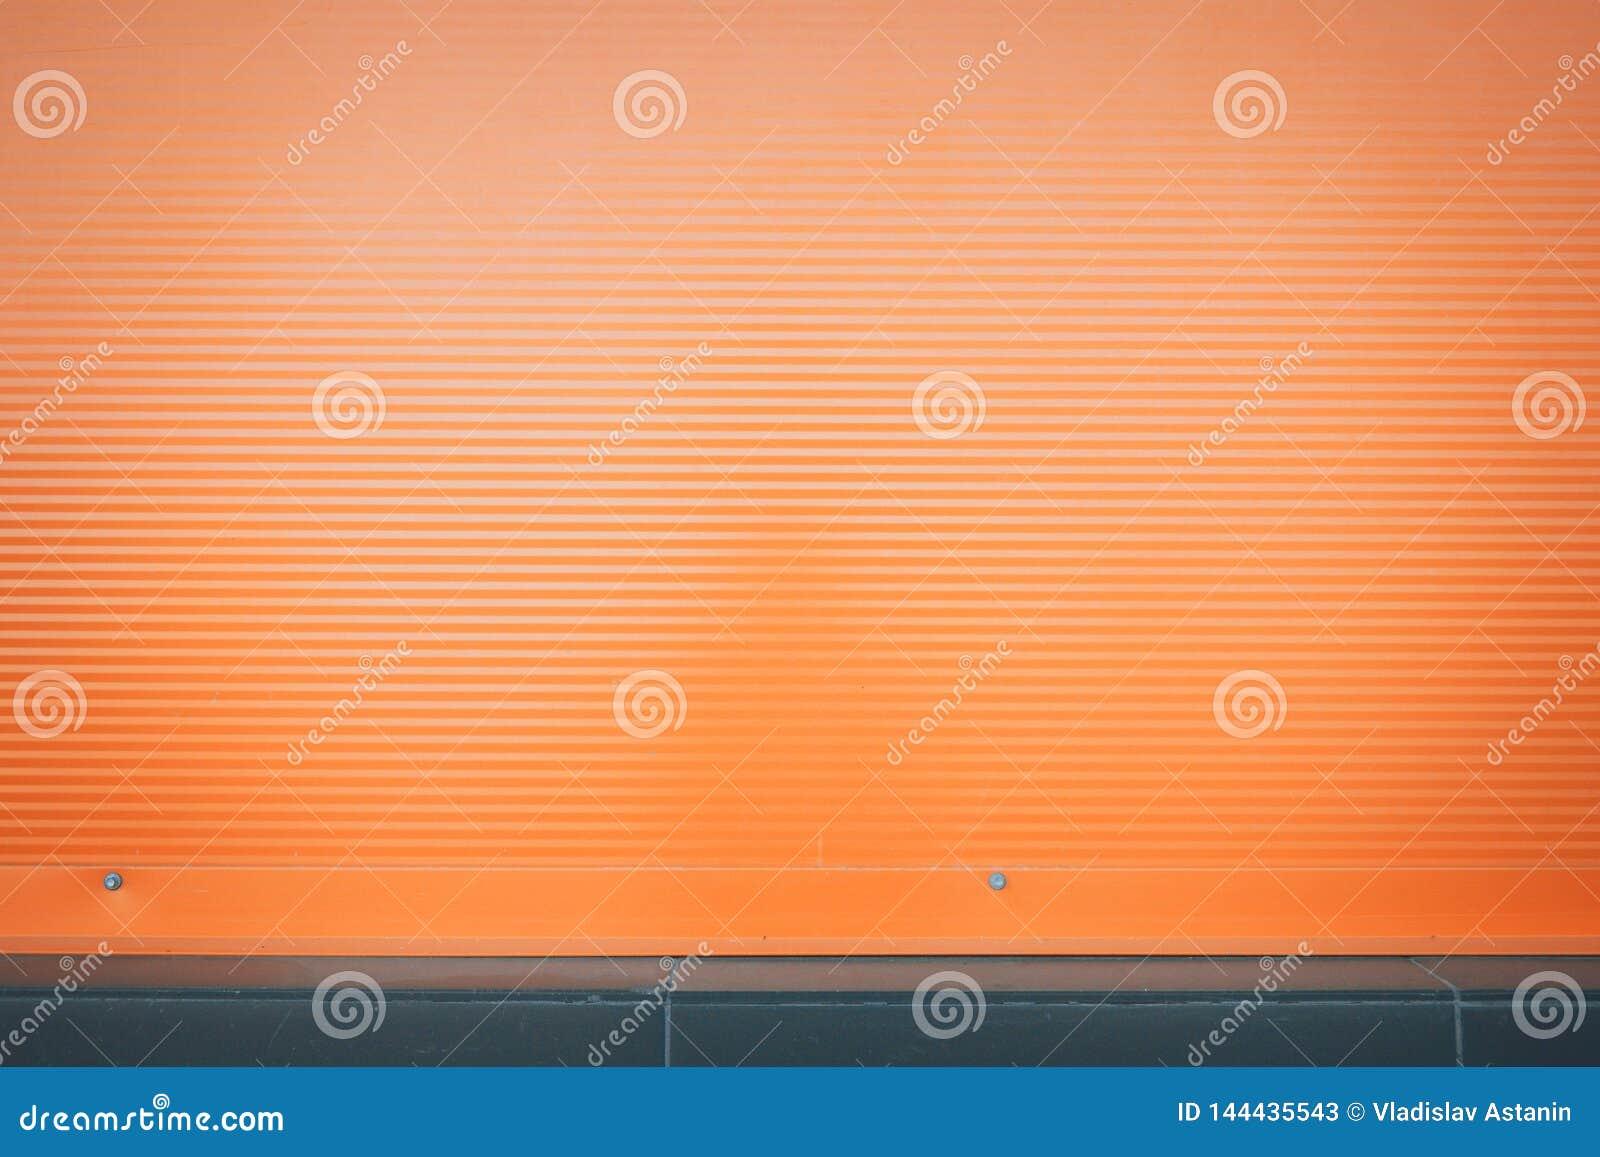 Orange horizontaler gestreifter Hintergrund mit Schatten auf den Seiten